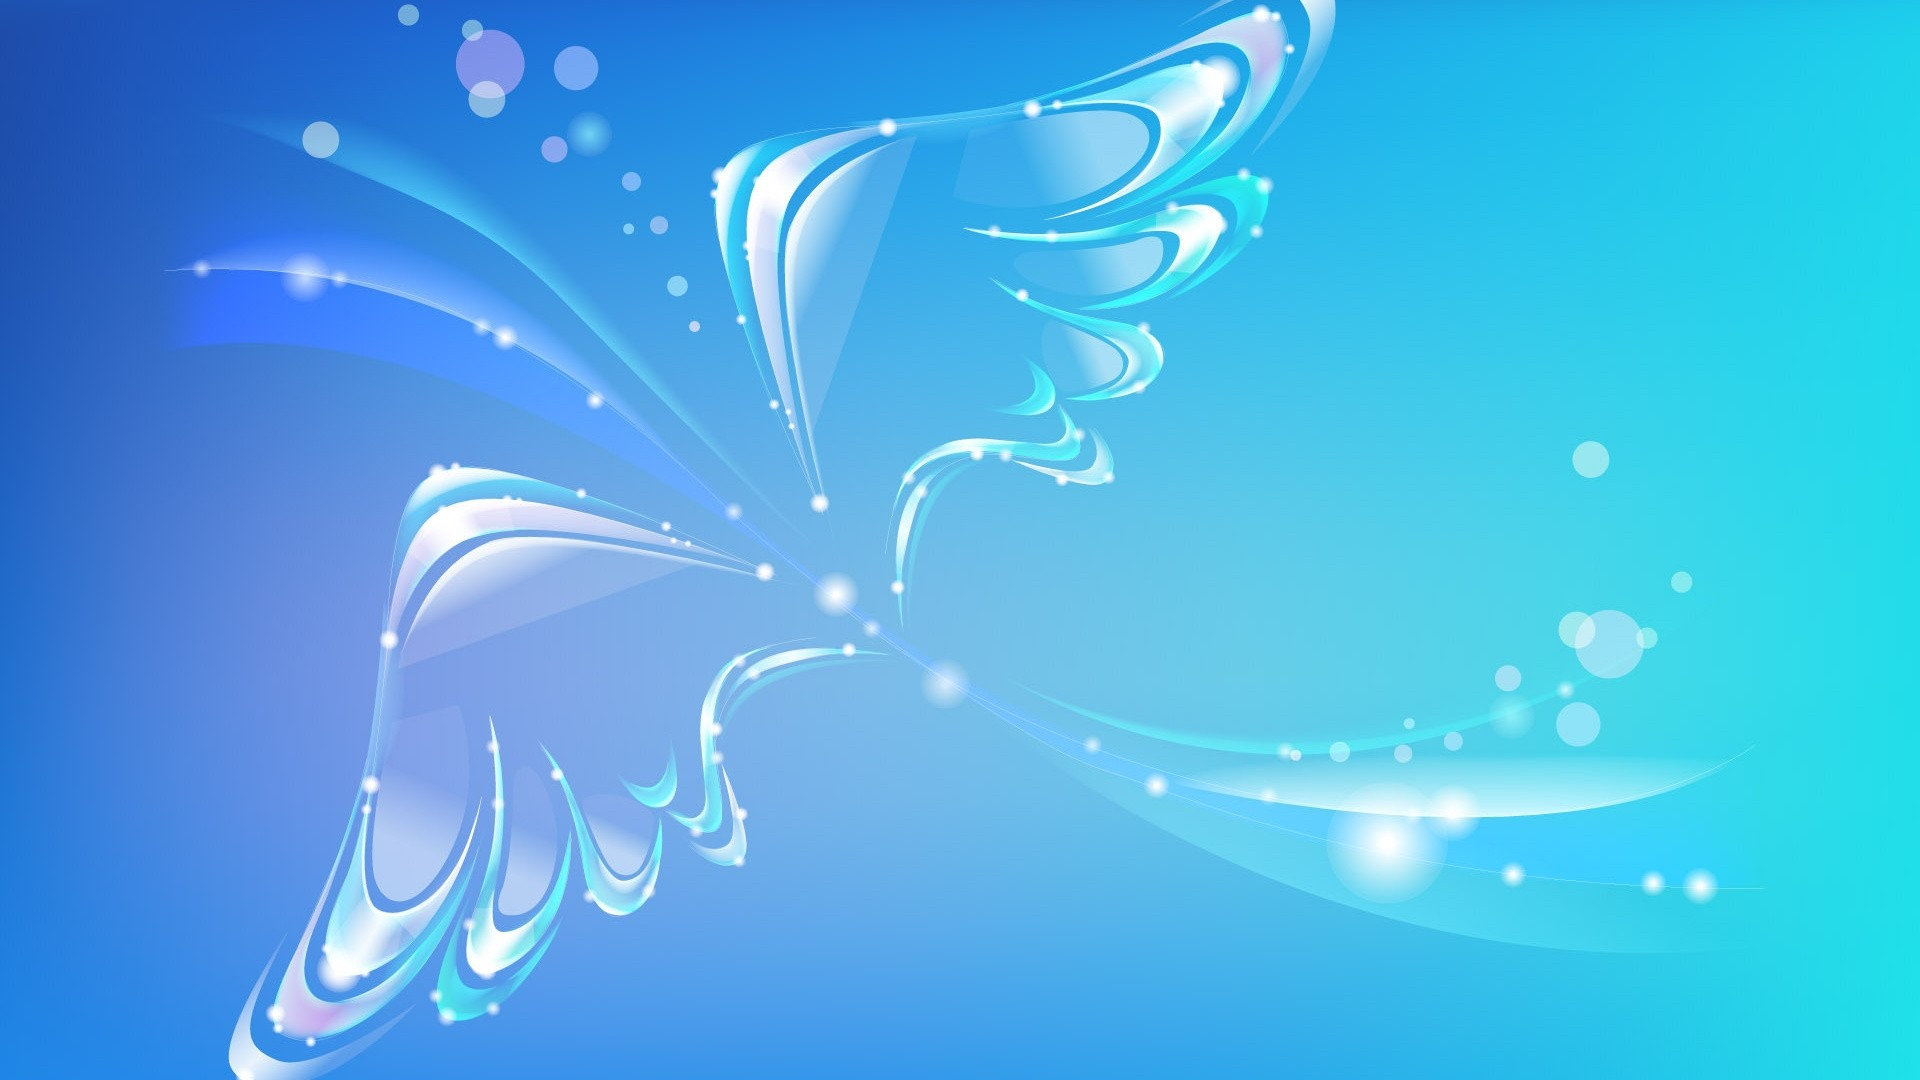 Blue Butterfly Background Wallpaper HD